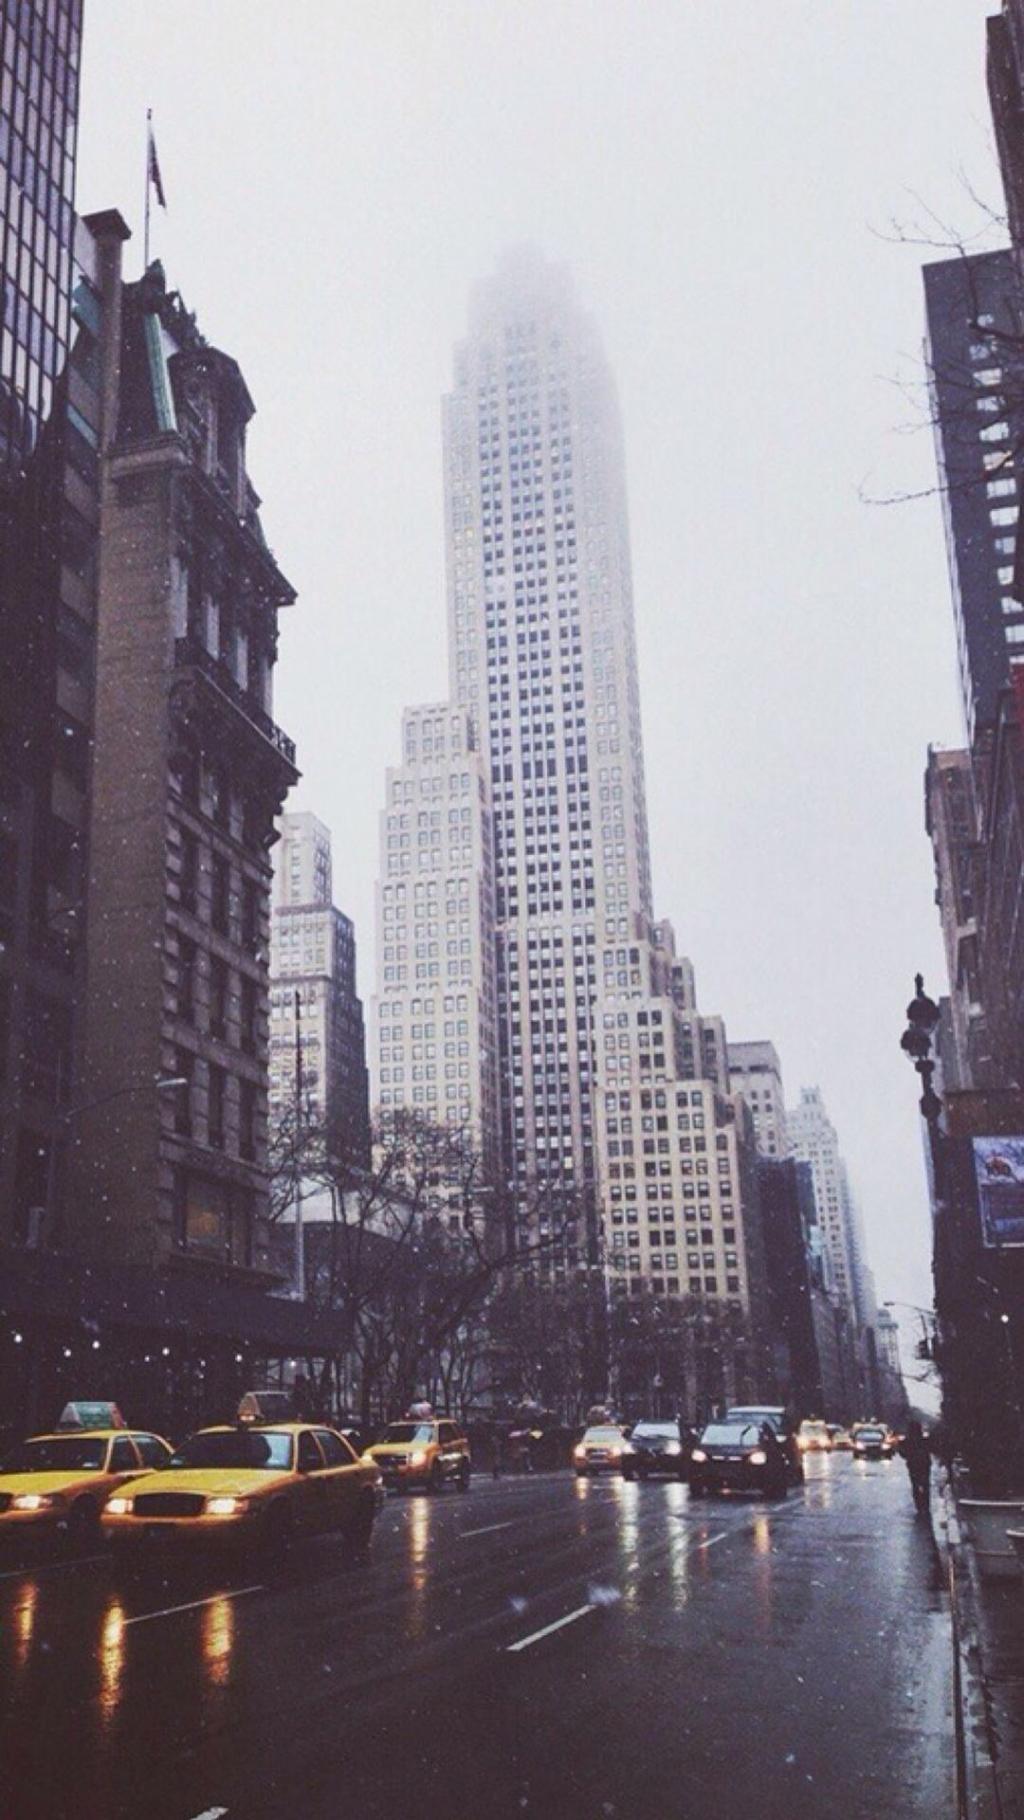 唯美城市建筑风景